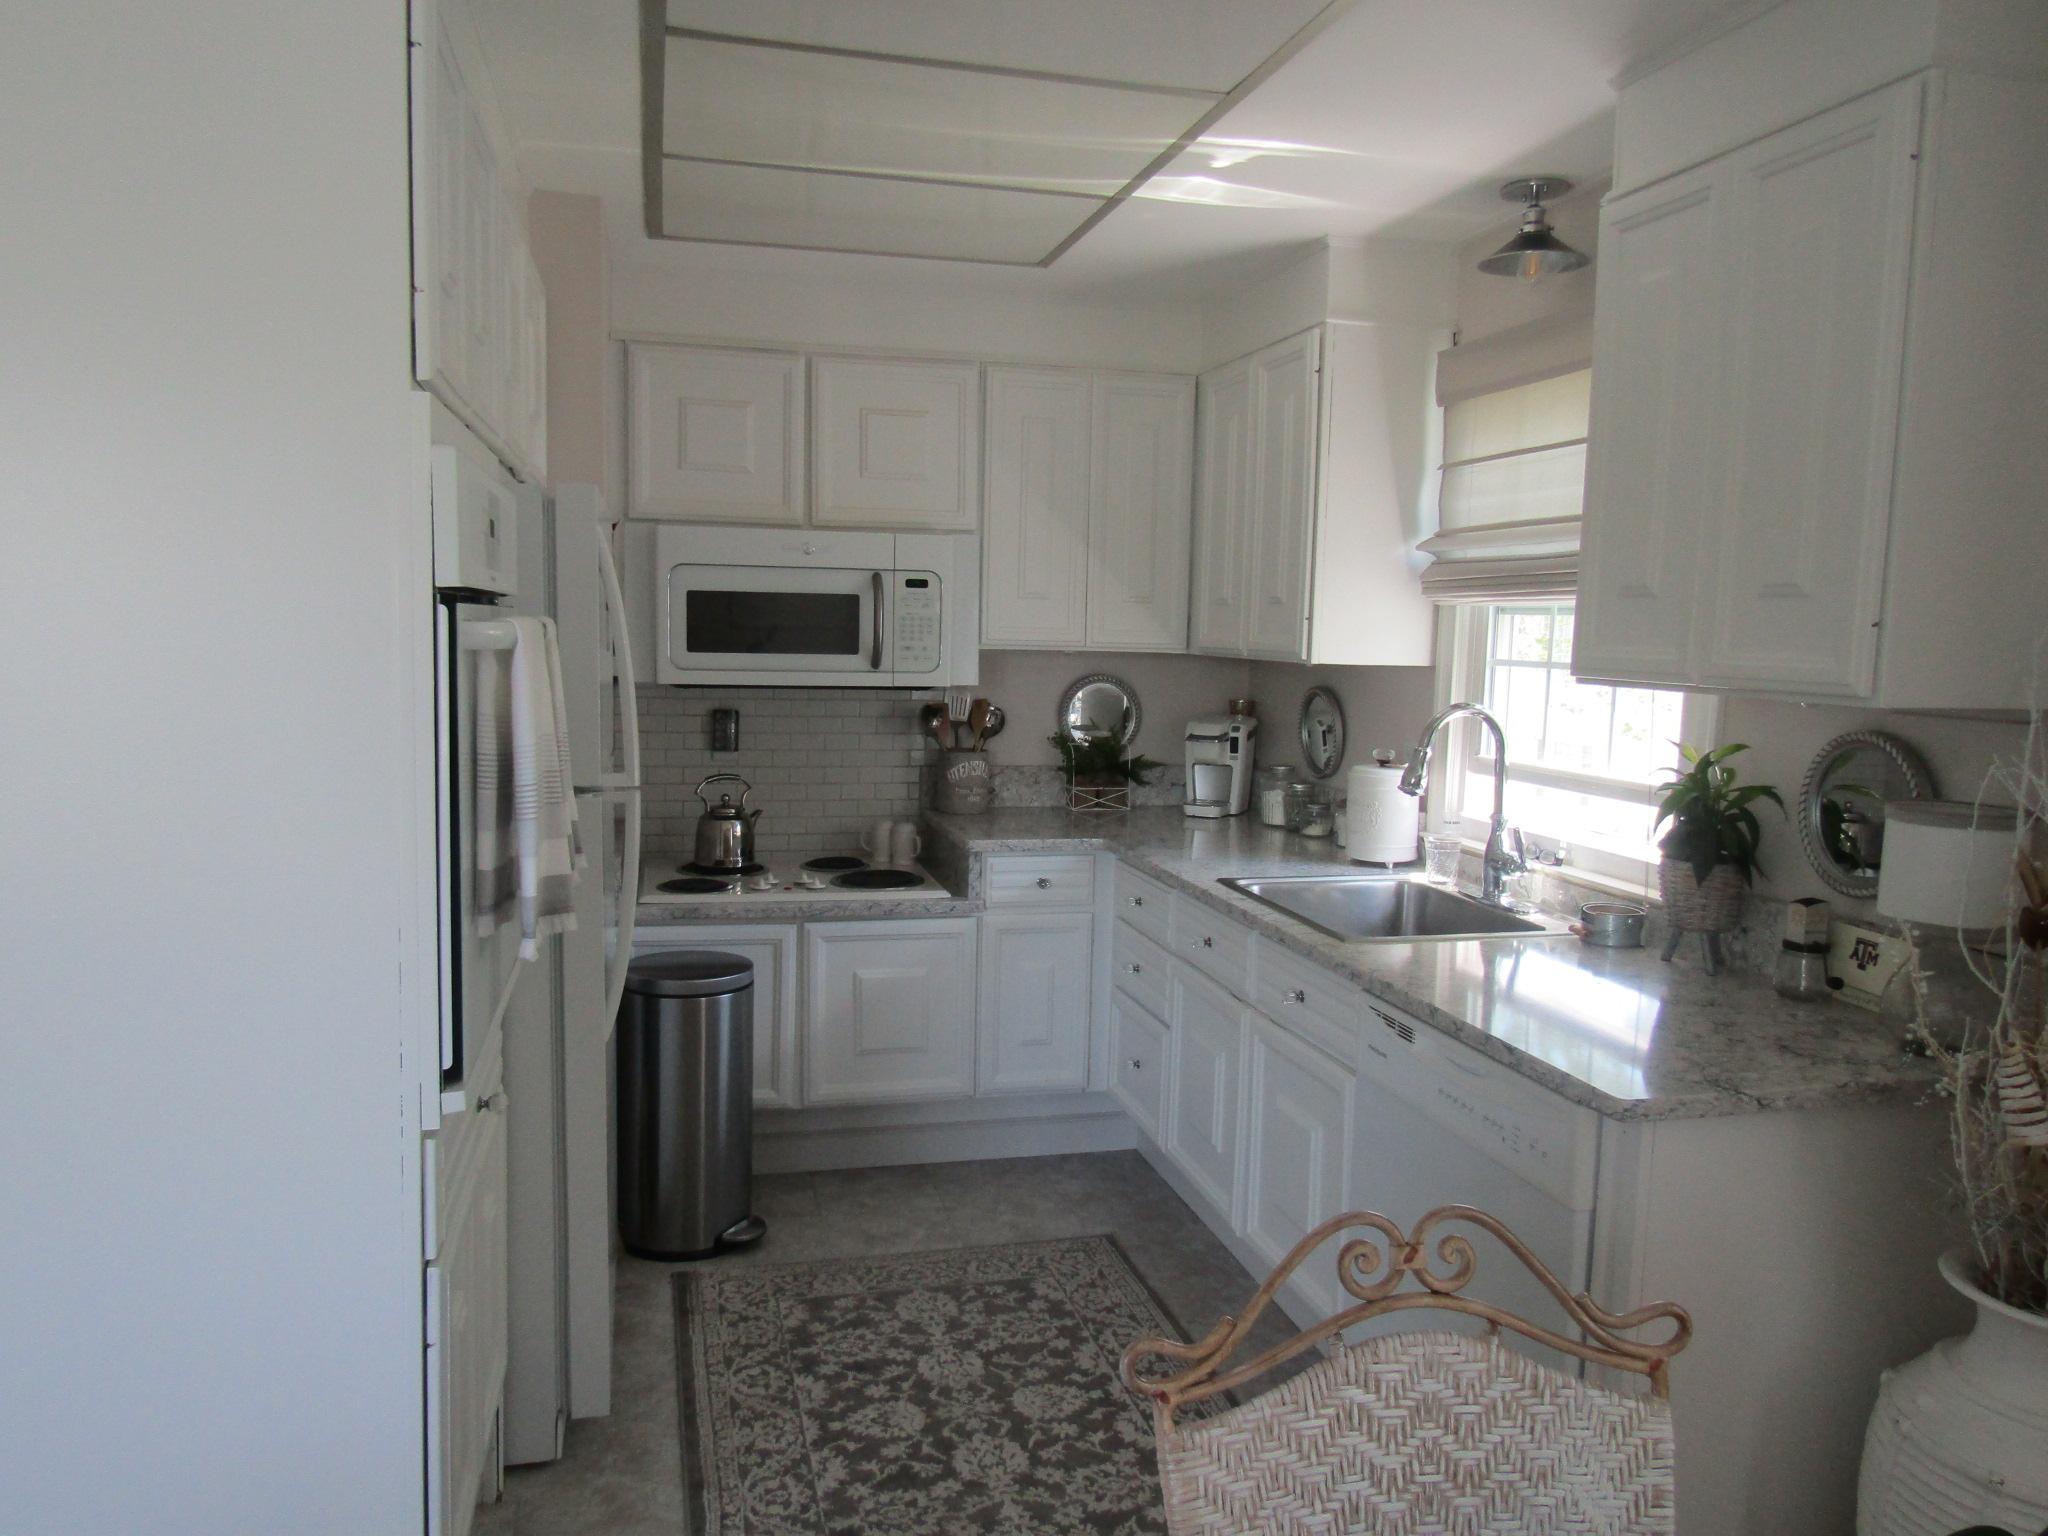 76-N kitchen 2